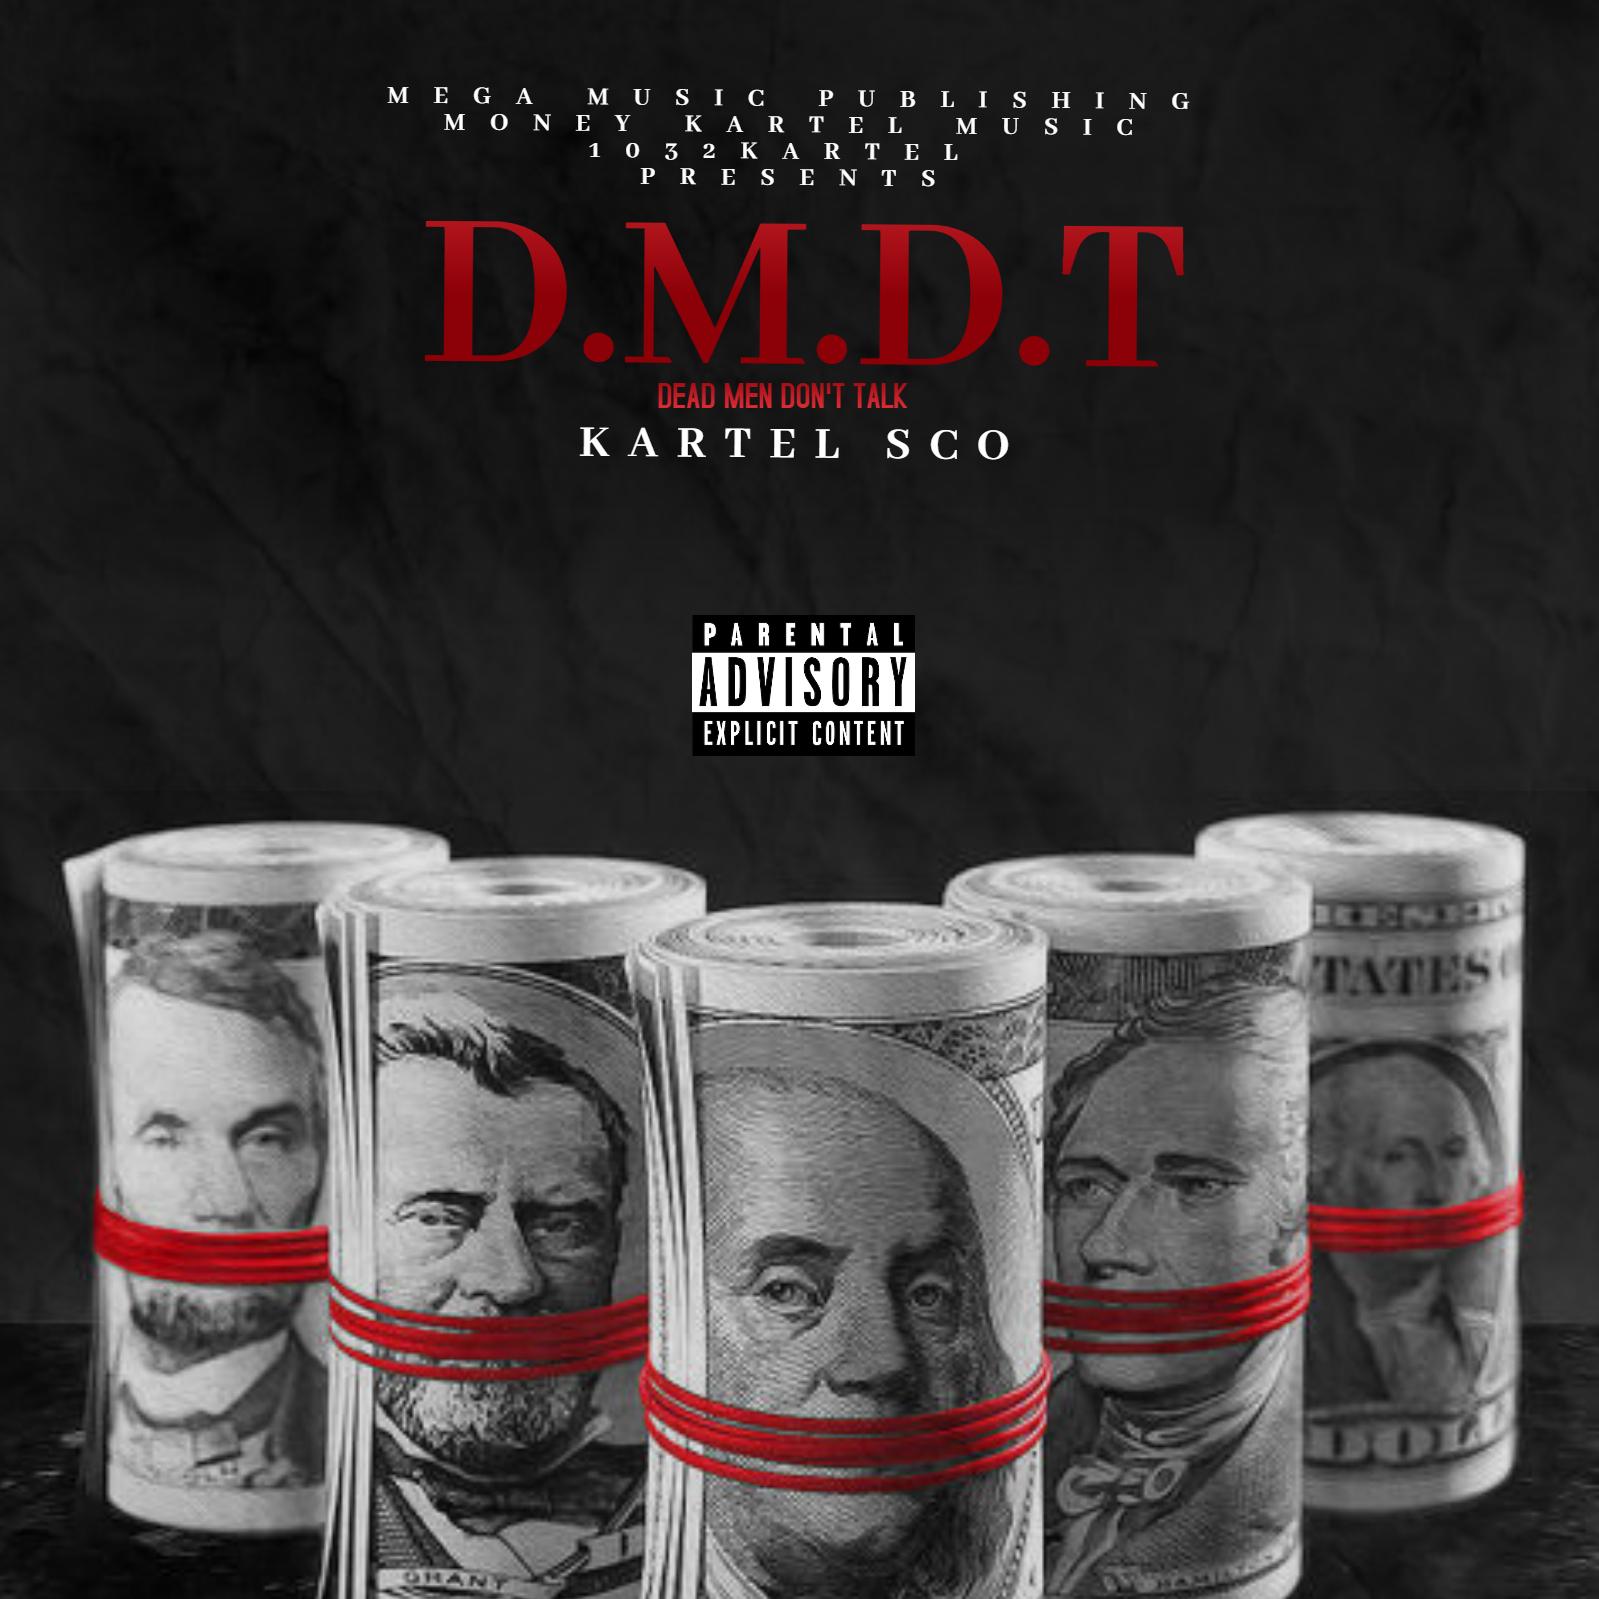 Kartel Sco announces 'D.M.D.T.' June 2020 mixtape